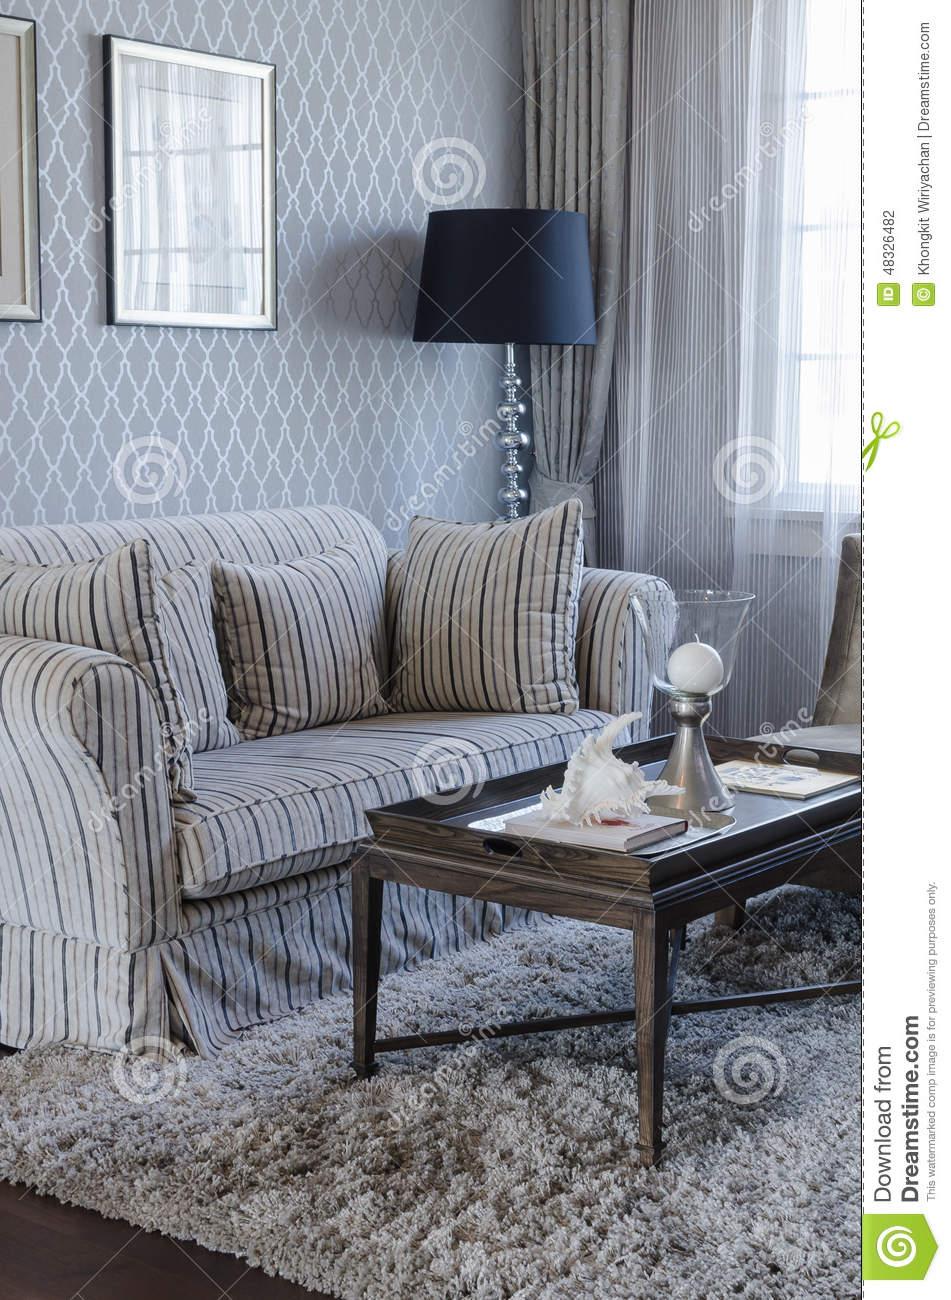 Full Size of Sofa Kissen Luxuswohnzimmer Mit Klassischem Lila Tom Tailor Elektrischer Sitztiefenverstellung Höffner Big Günstiges Bettfunktion Aus Matratzen Keilkissen Sofa Sofa Kissen